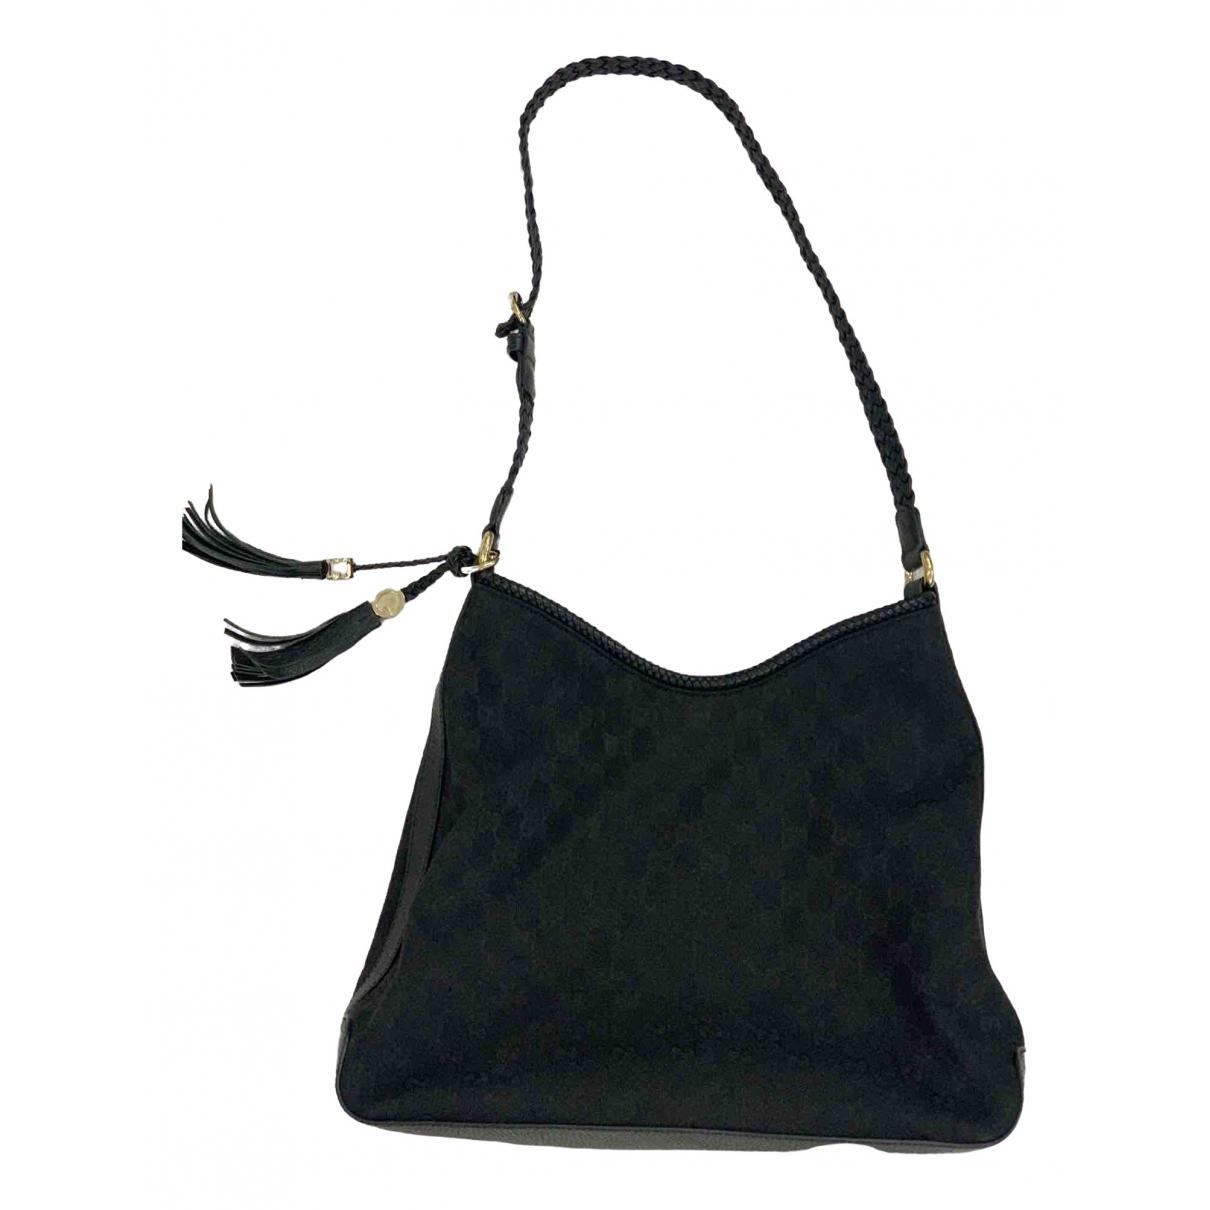 Gucci \N Handtasche in  Schwarz Samt